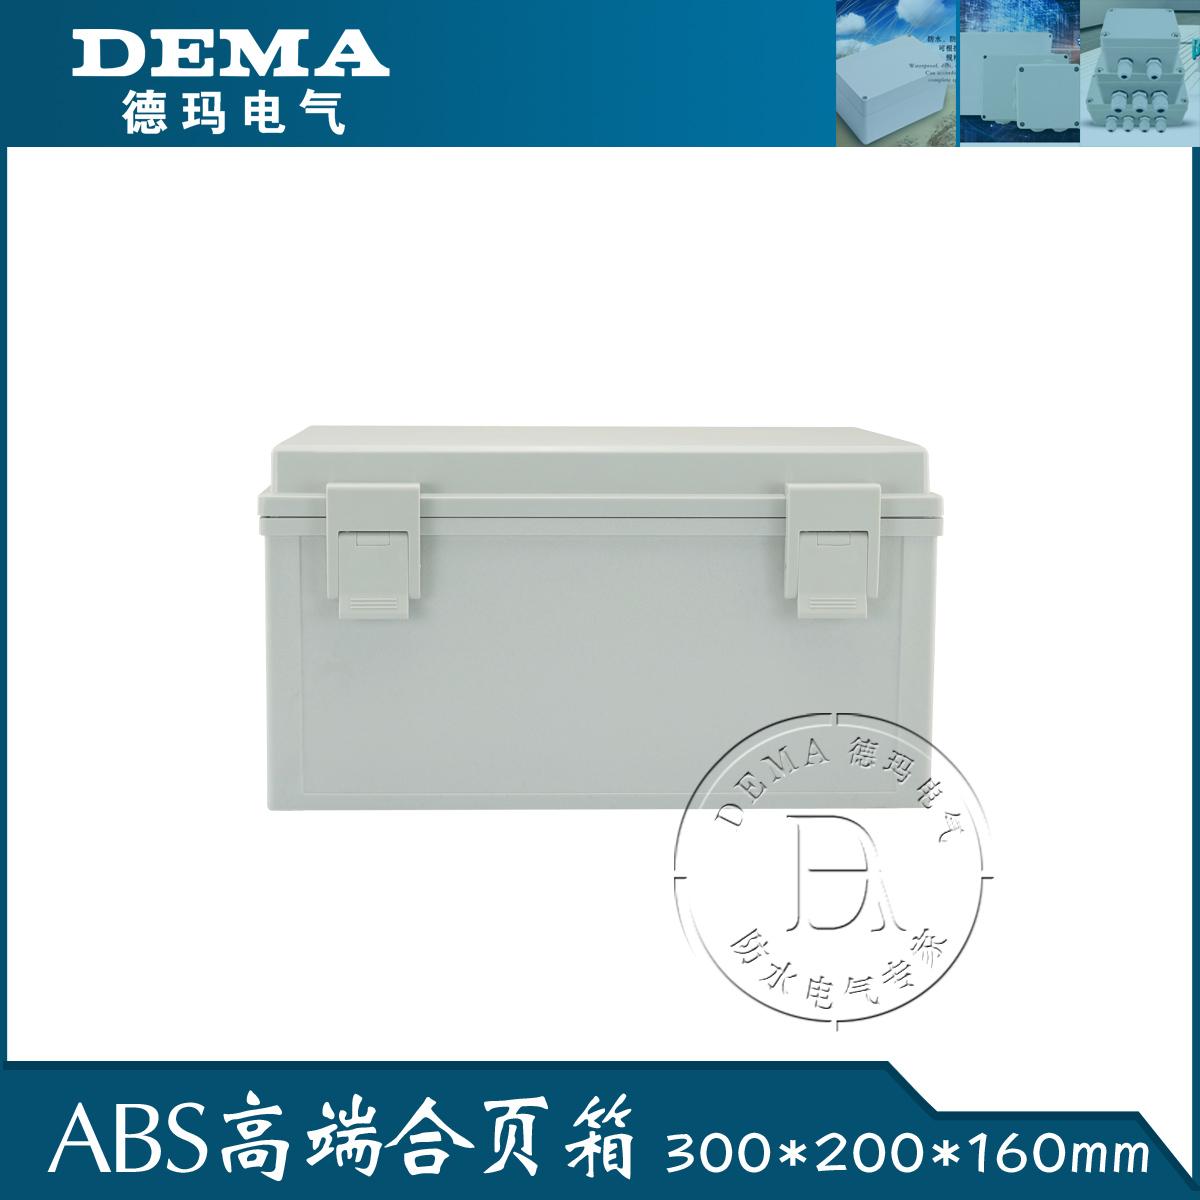 徳瑪新型ヒンジプラスチック箱300 * 200 * 160電気配線箱箱箱事業発展の基礎の壁掛